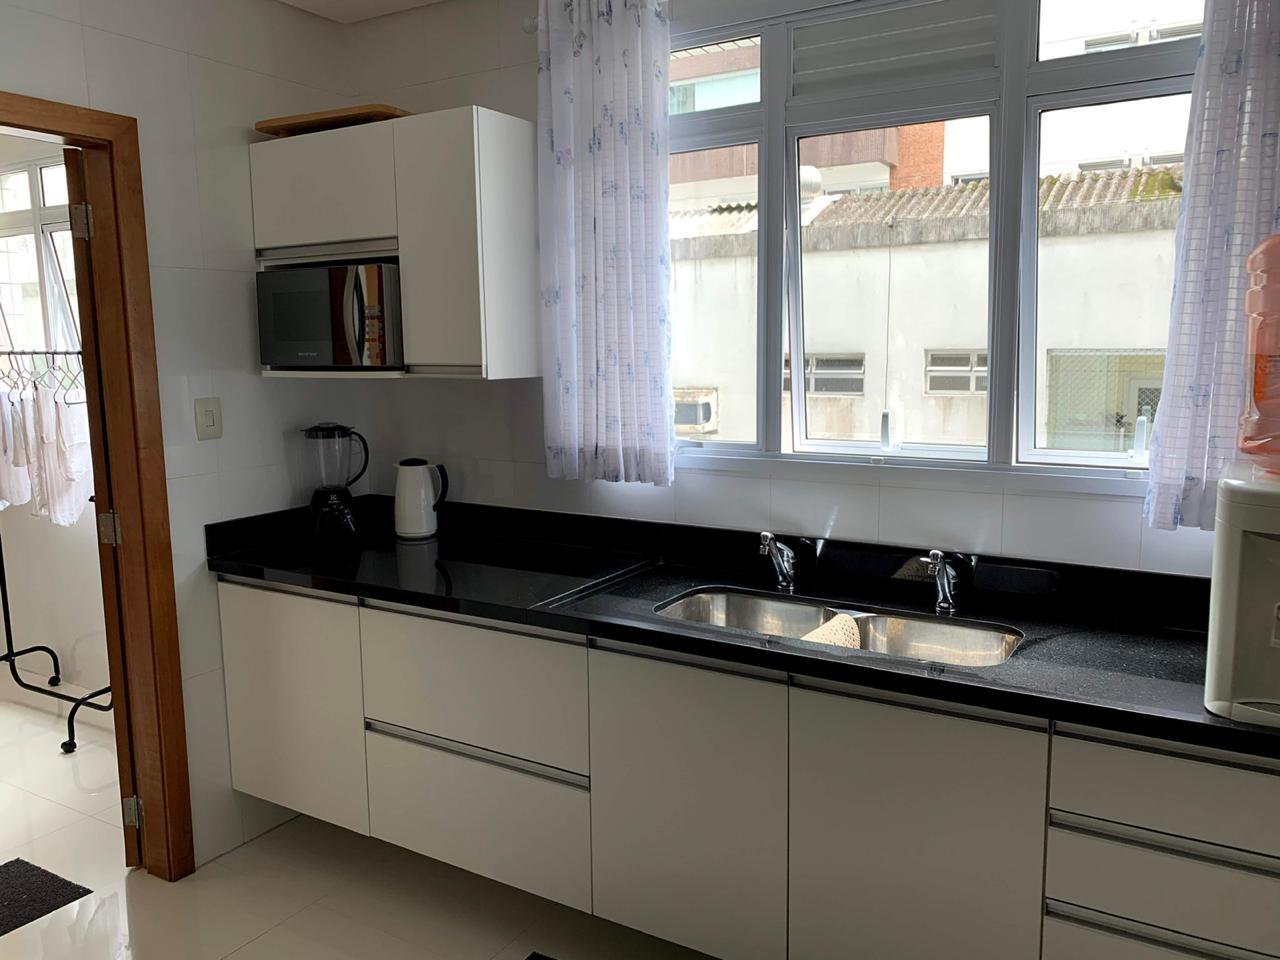 Excelente semi novo apartamento com 160m, uma quadra da Praia, Duas vagas de garagem, 3 suítes - foto 10